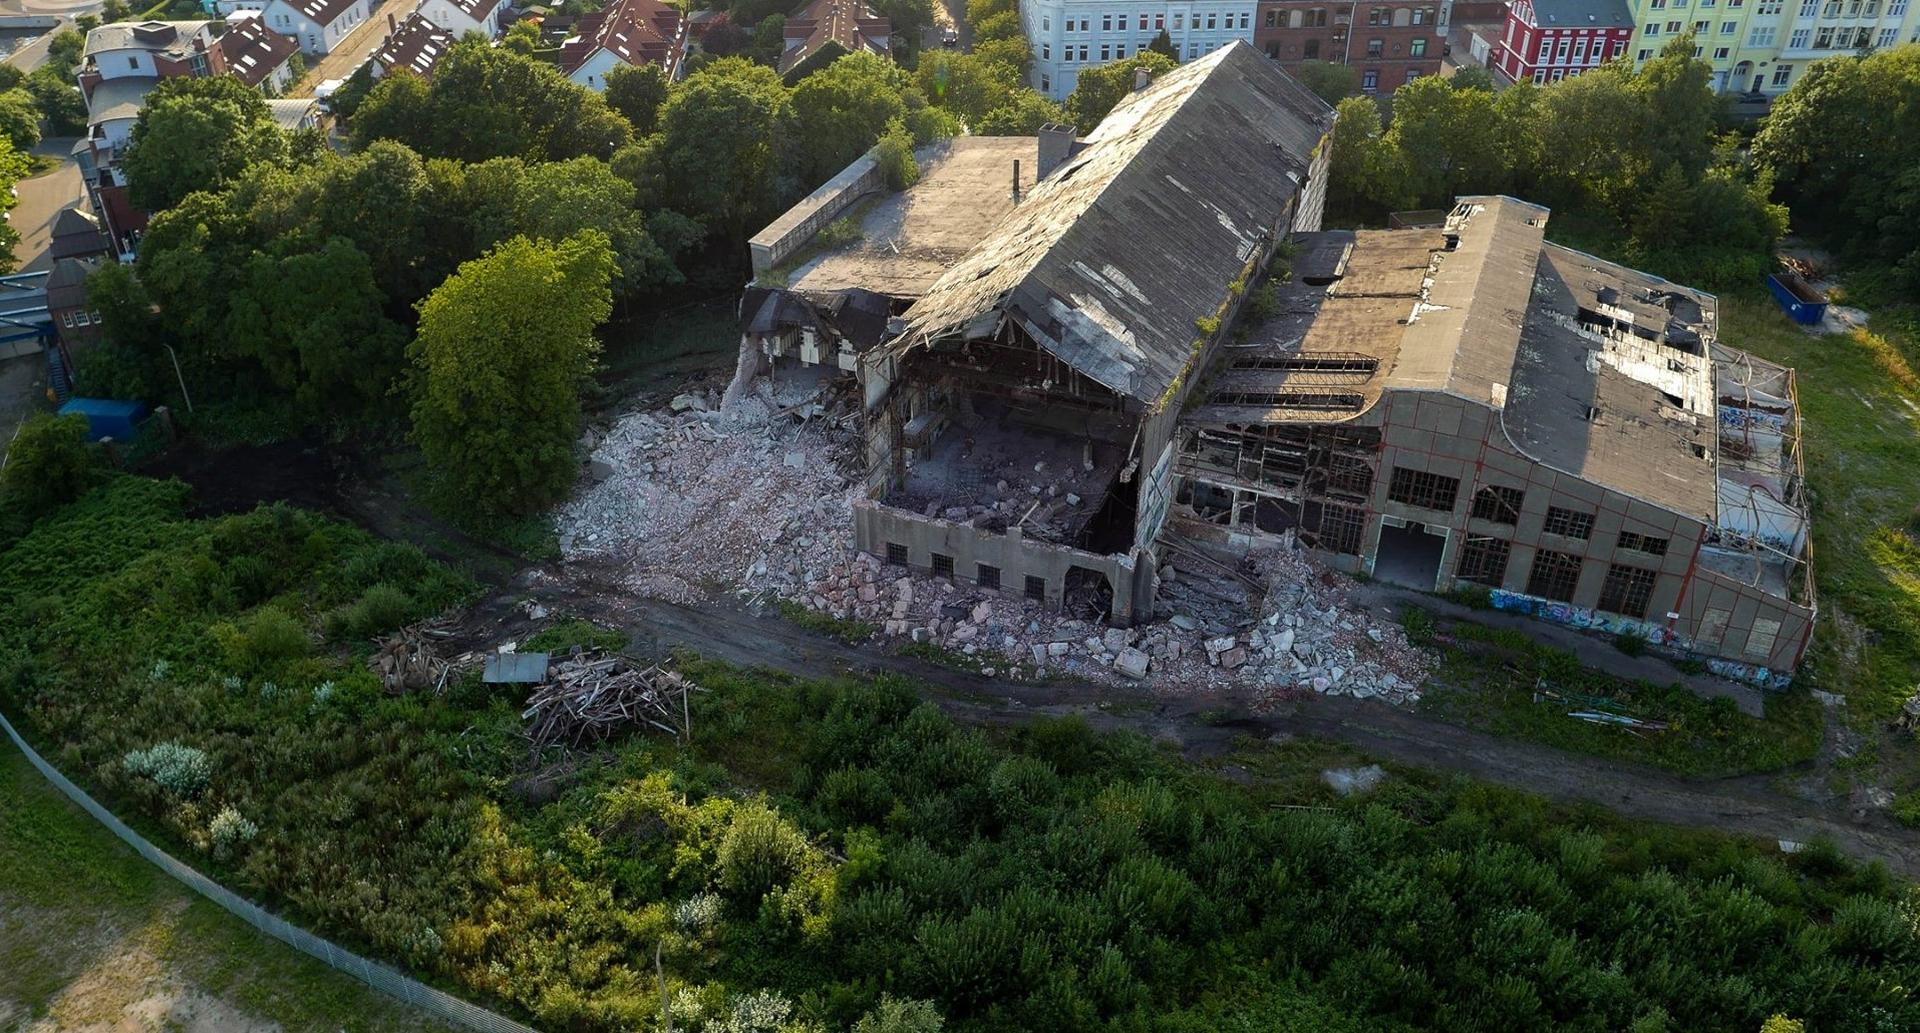 Ergebnis jahrzehntelangen gezielten Verfalls: Die denkmalgeschützte Südzentrale in Wilhelmshaven wird abgerissen (Bild: Oliver Graw)